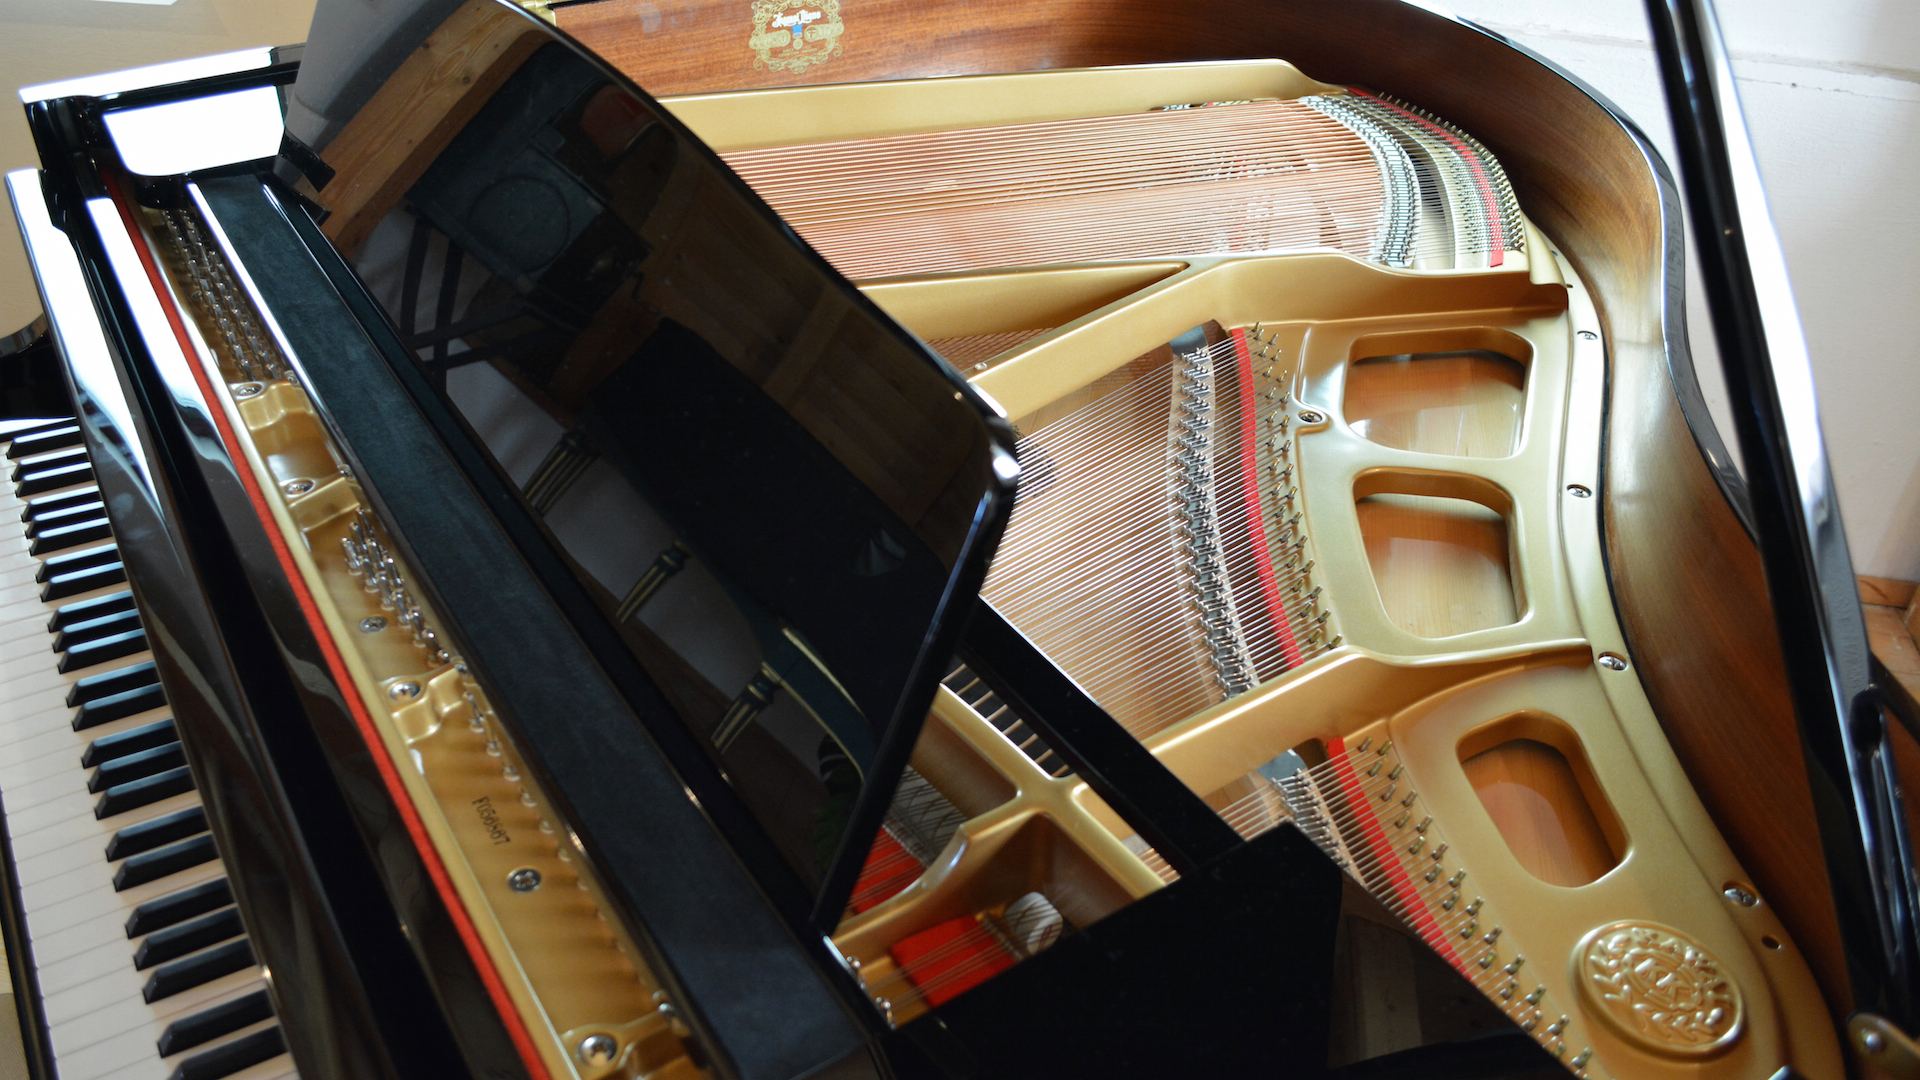 Klavierhaus-Egeler